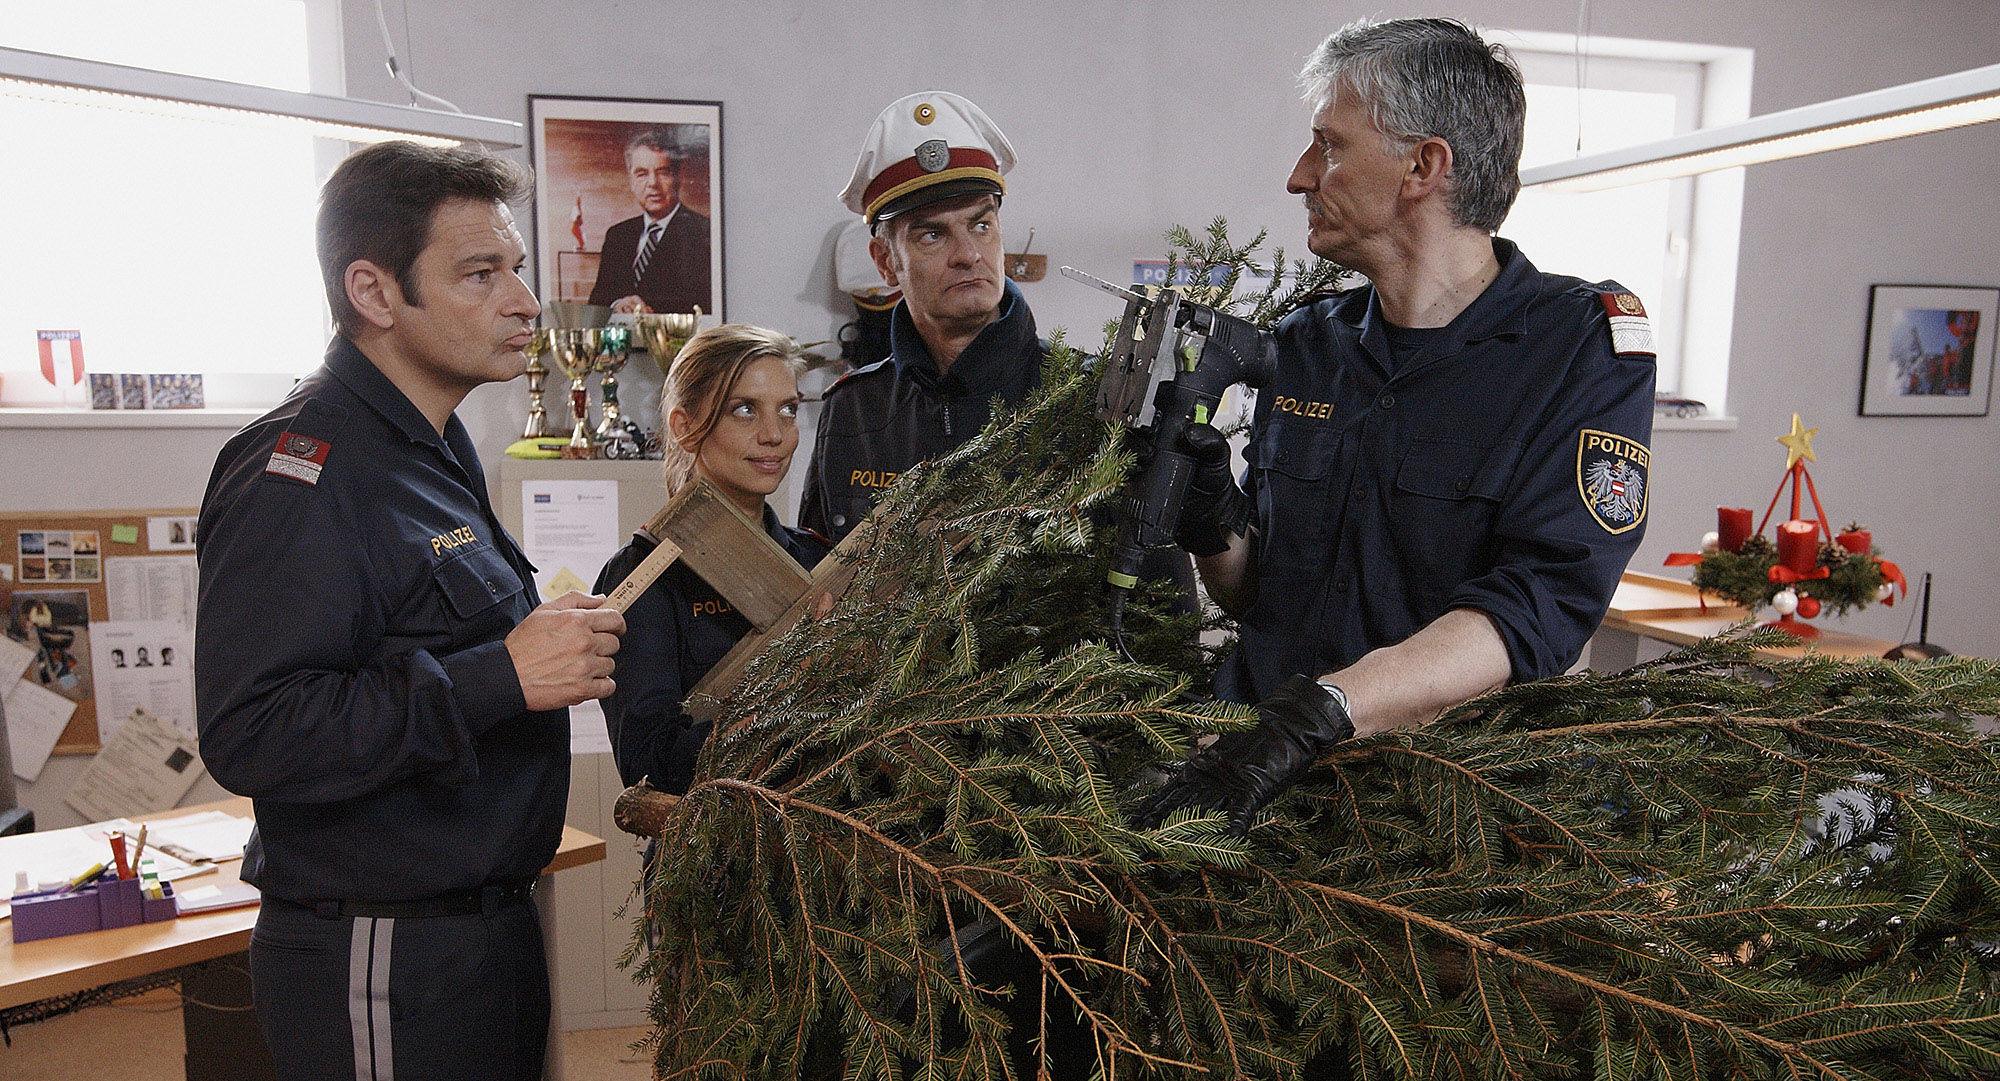 Andreas Steppan (August Horrowitz), Martina Schwab (Arabella Hürner), Heinrich Schafmeister (Udo Maulhart), Manfred Dungl (Traugott Pimpf)